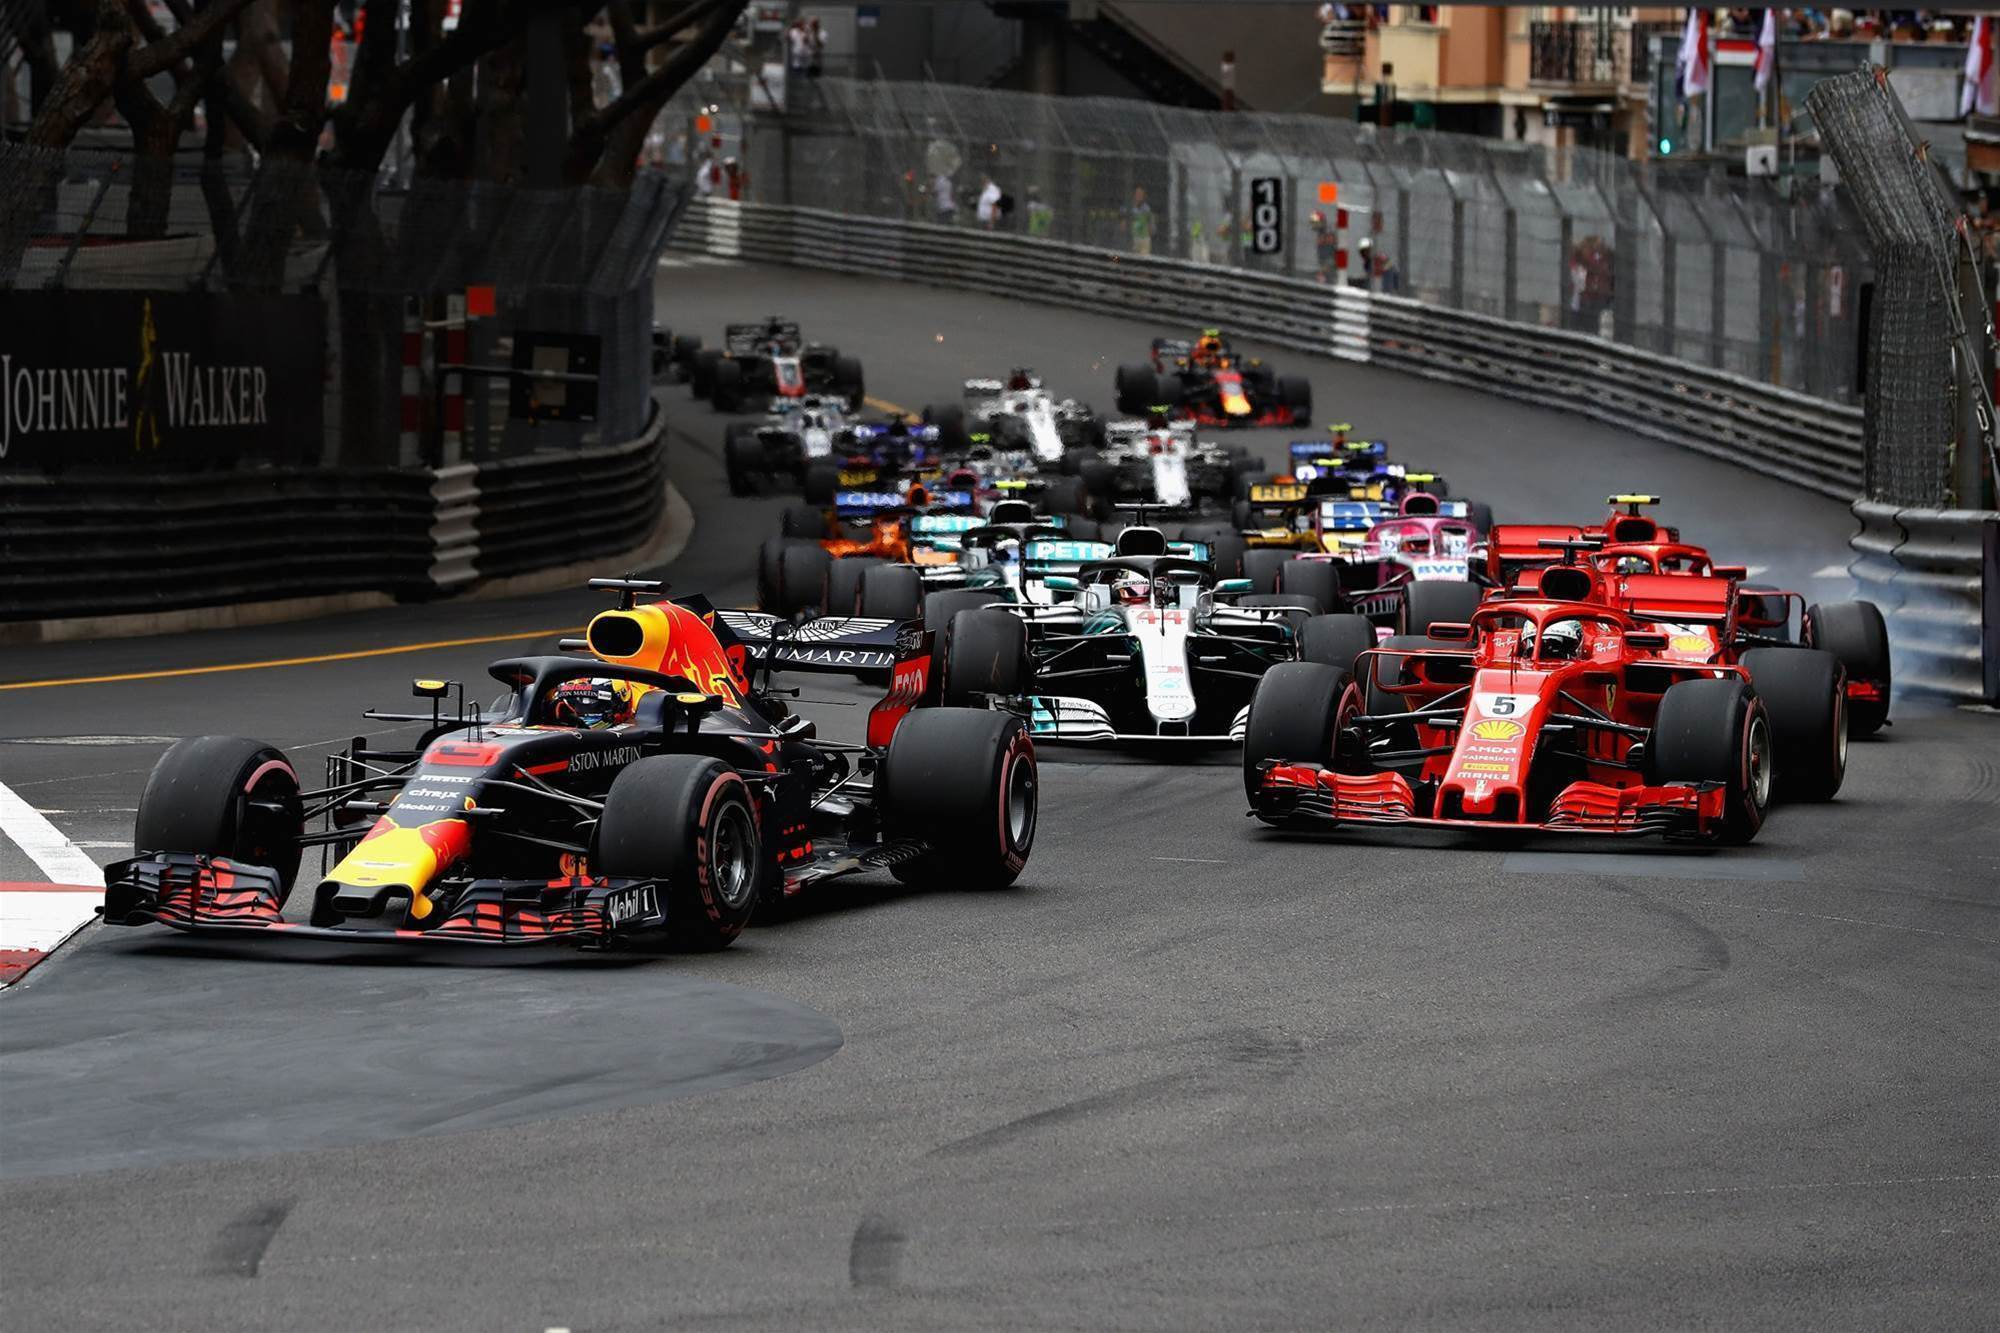 Pic Gallery: Monaco F1